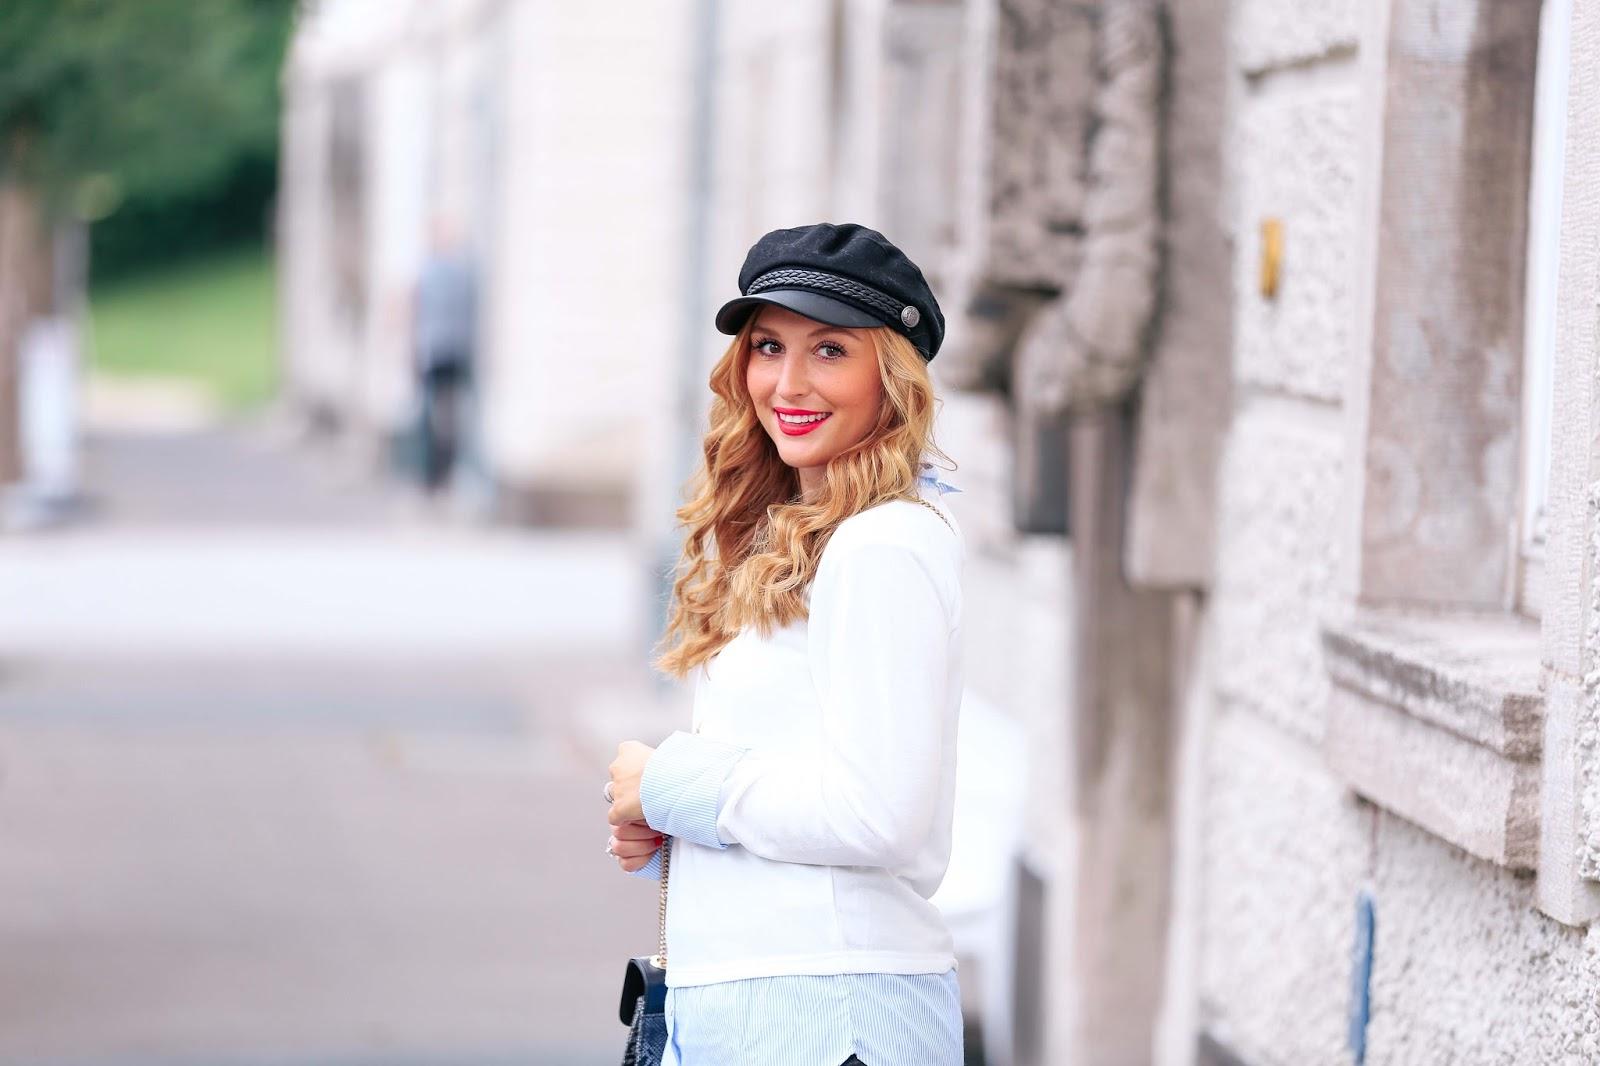 fashionstylebyjohanna-blogger-aus-deutschland-schicker-streetstyle-streetstyleblogger-lederrock-Blogger-mit-mütze